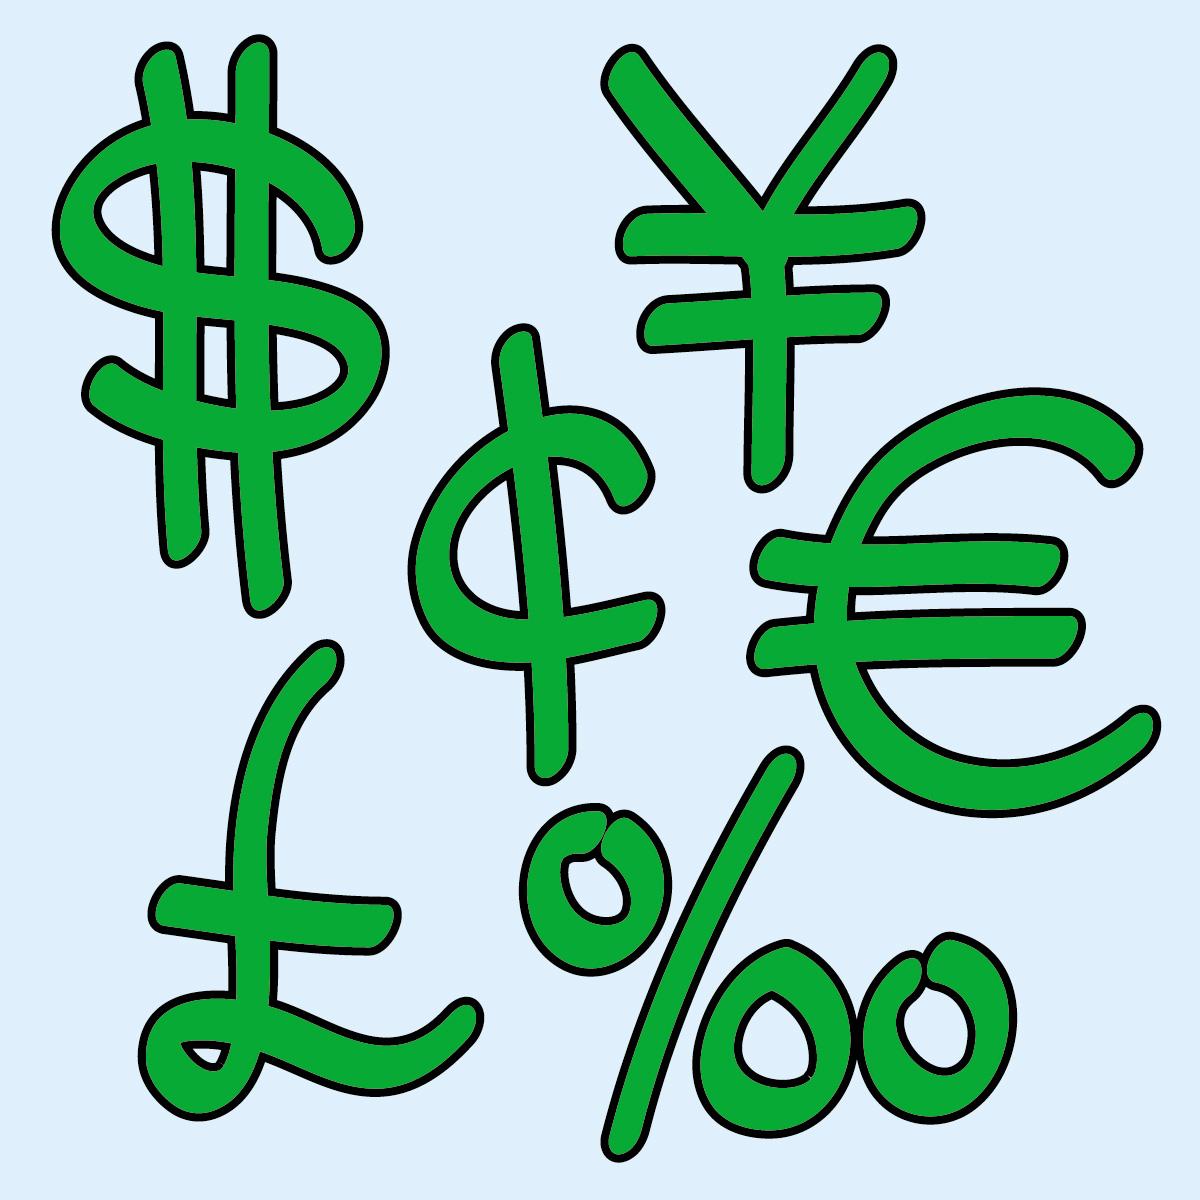 money symbol images   cliparts co